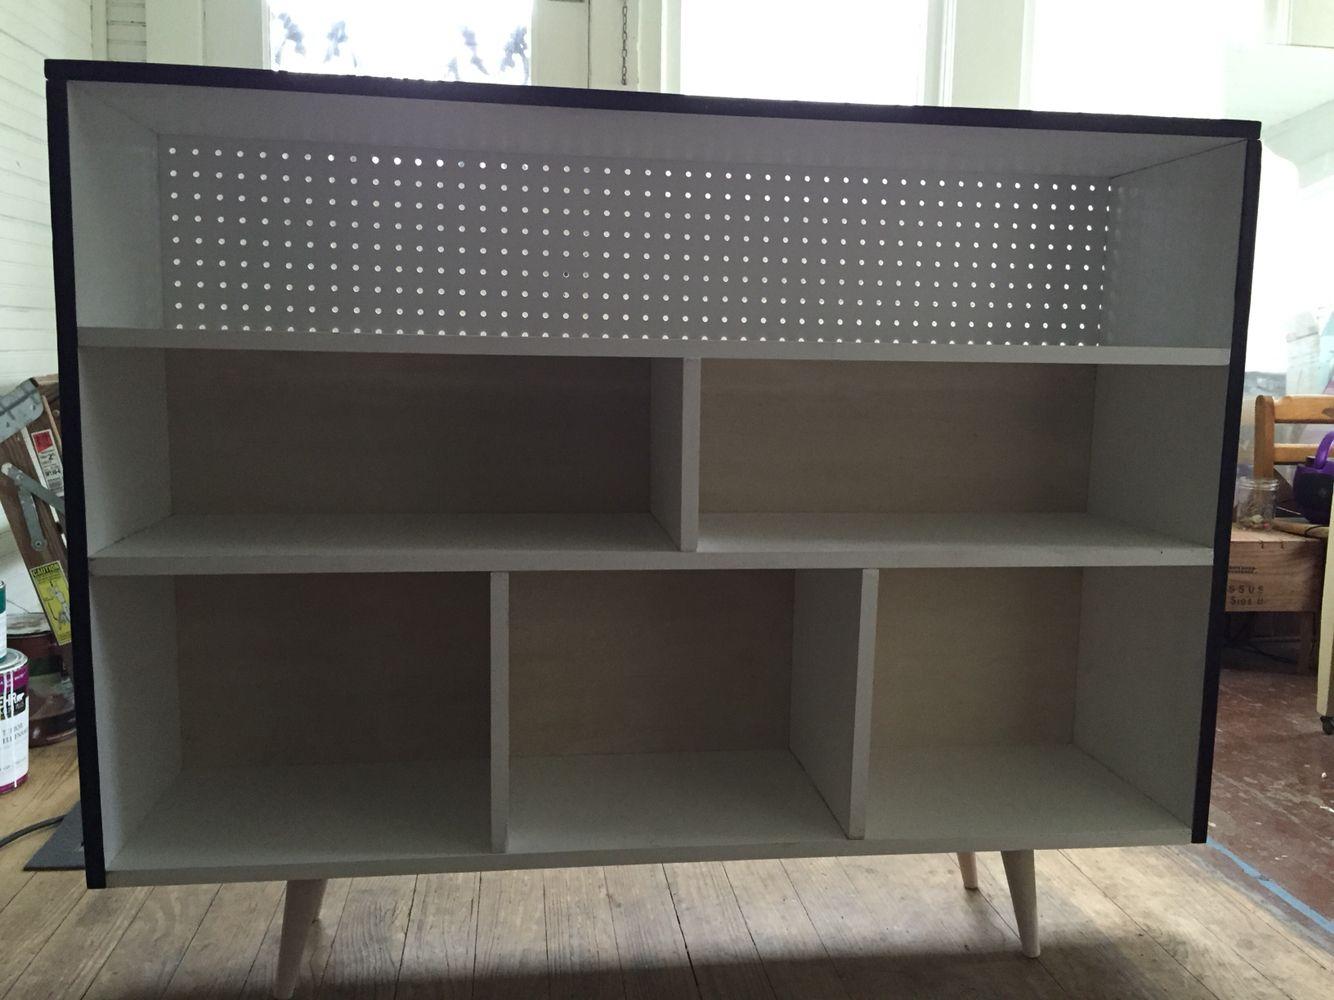 Bookcase Using Peg Board And Whitewashed Plywood Backing.